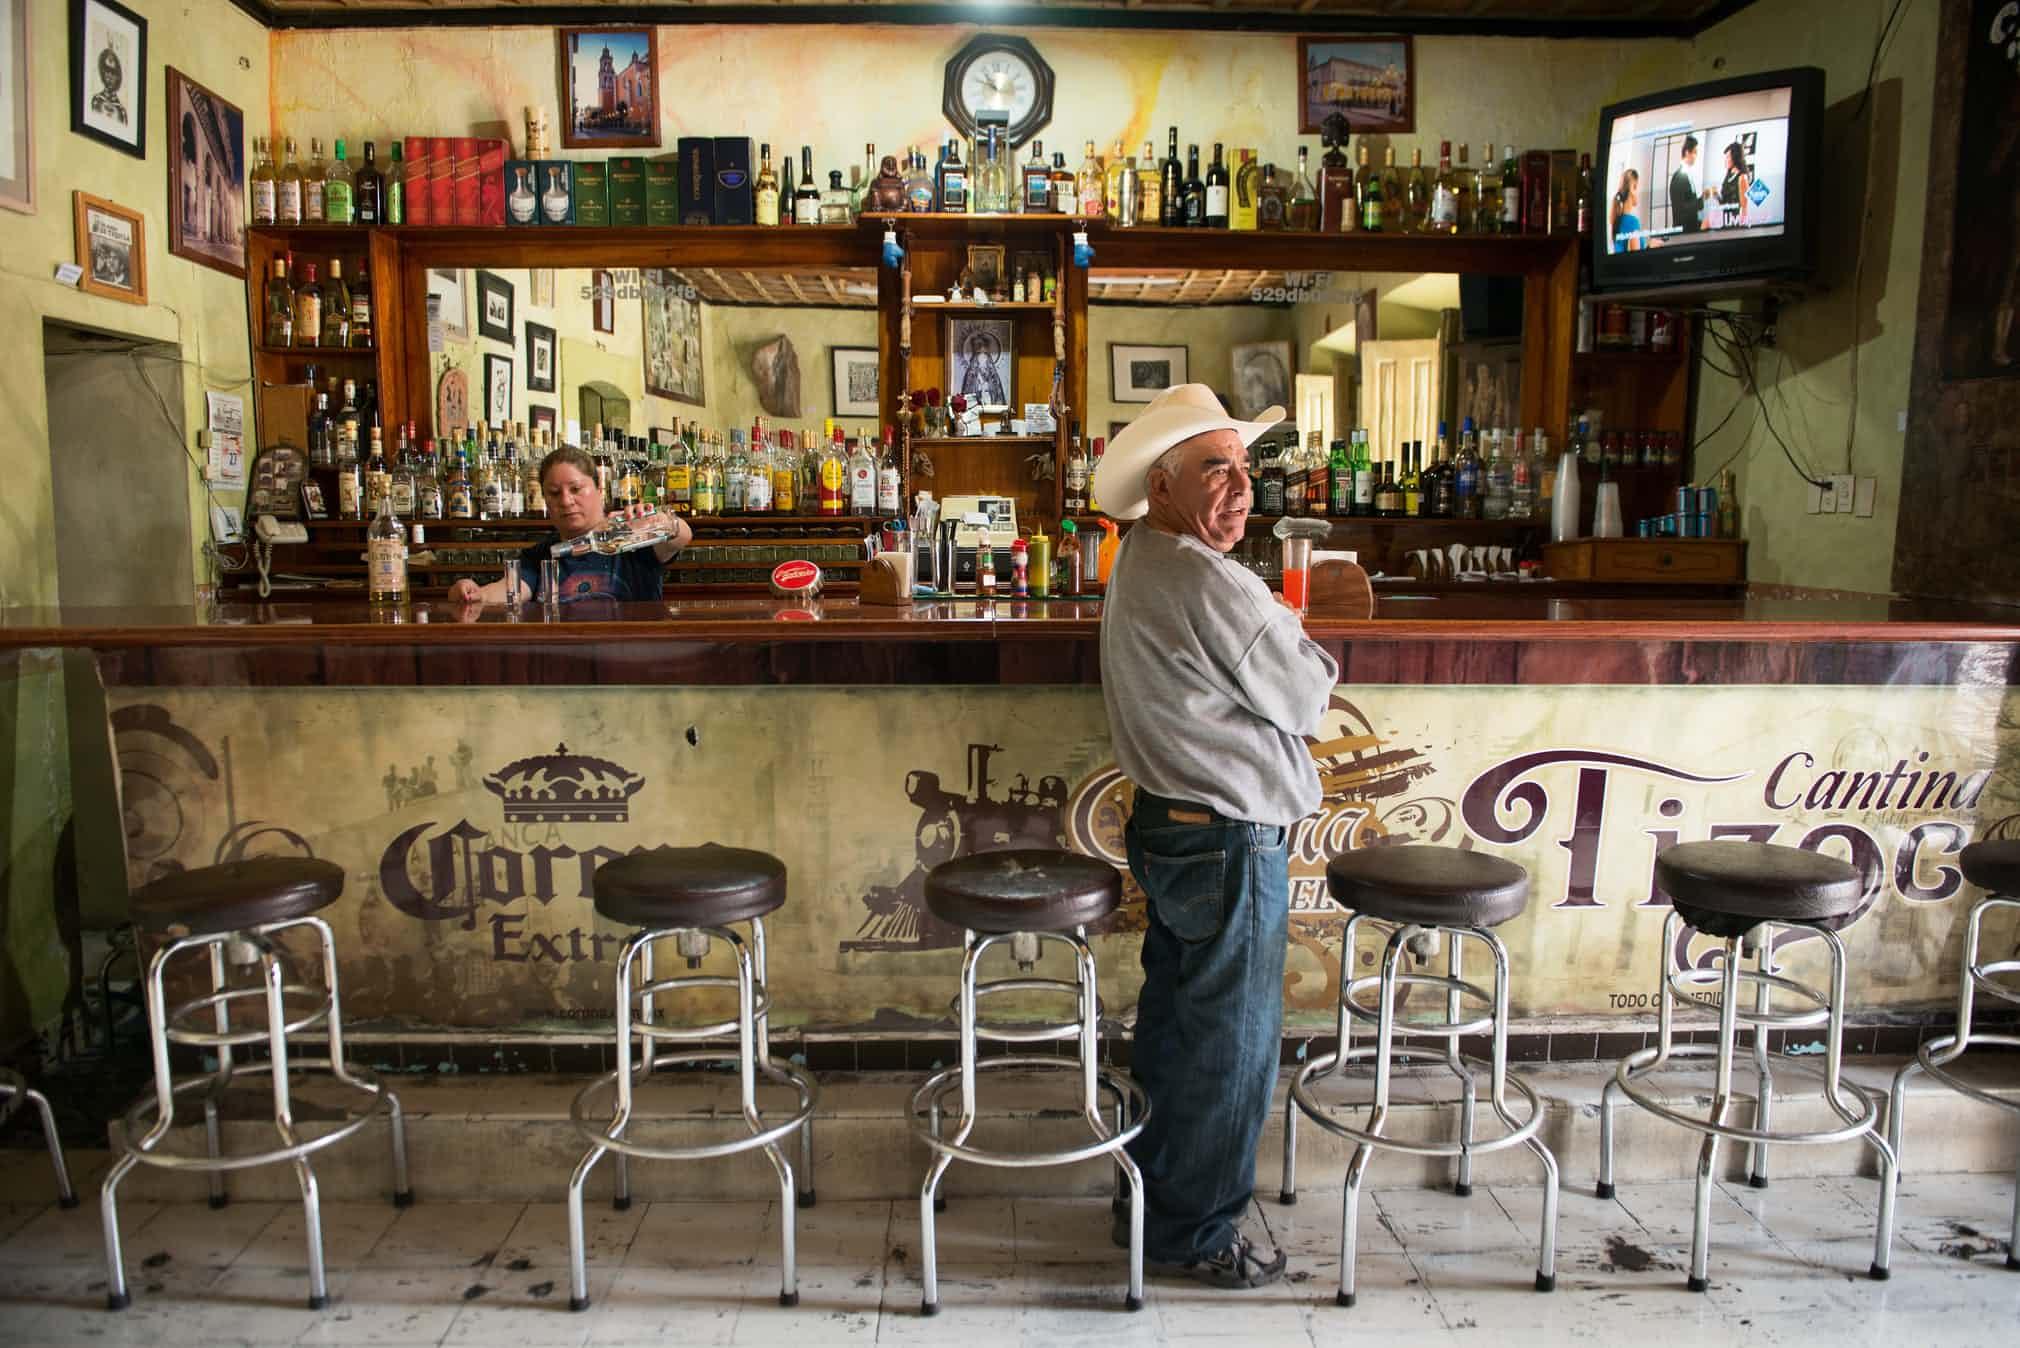 Mexico, KOLUMN Magazine, KOLUMN